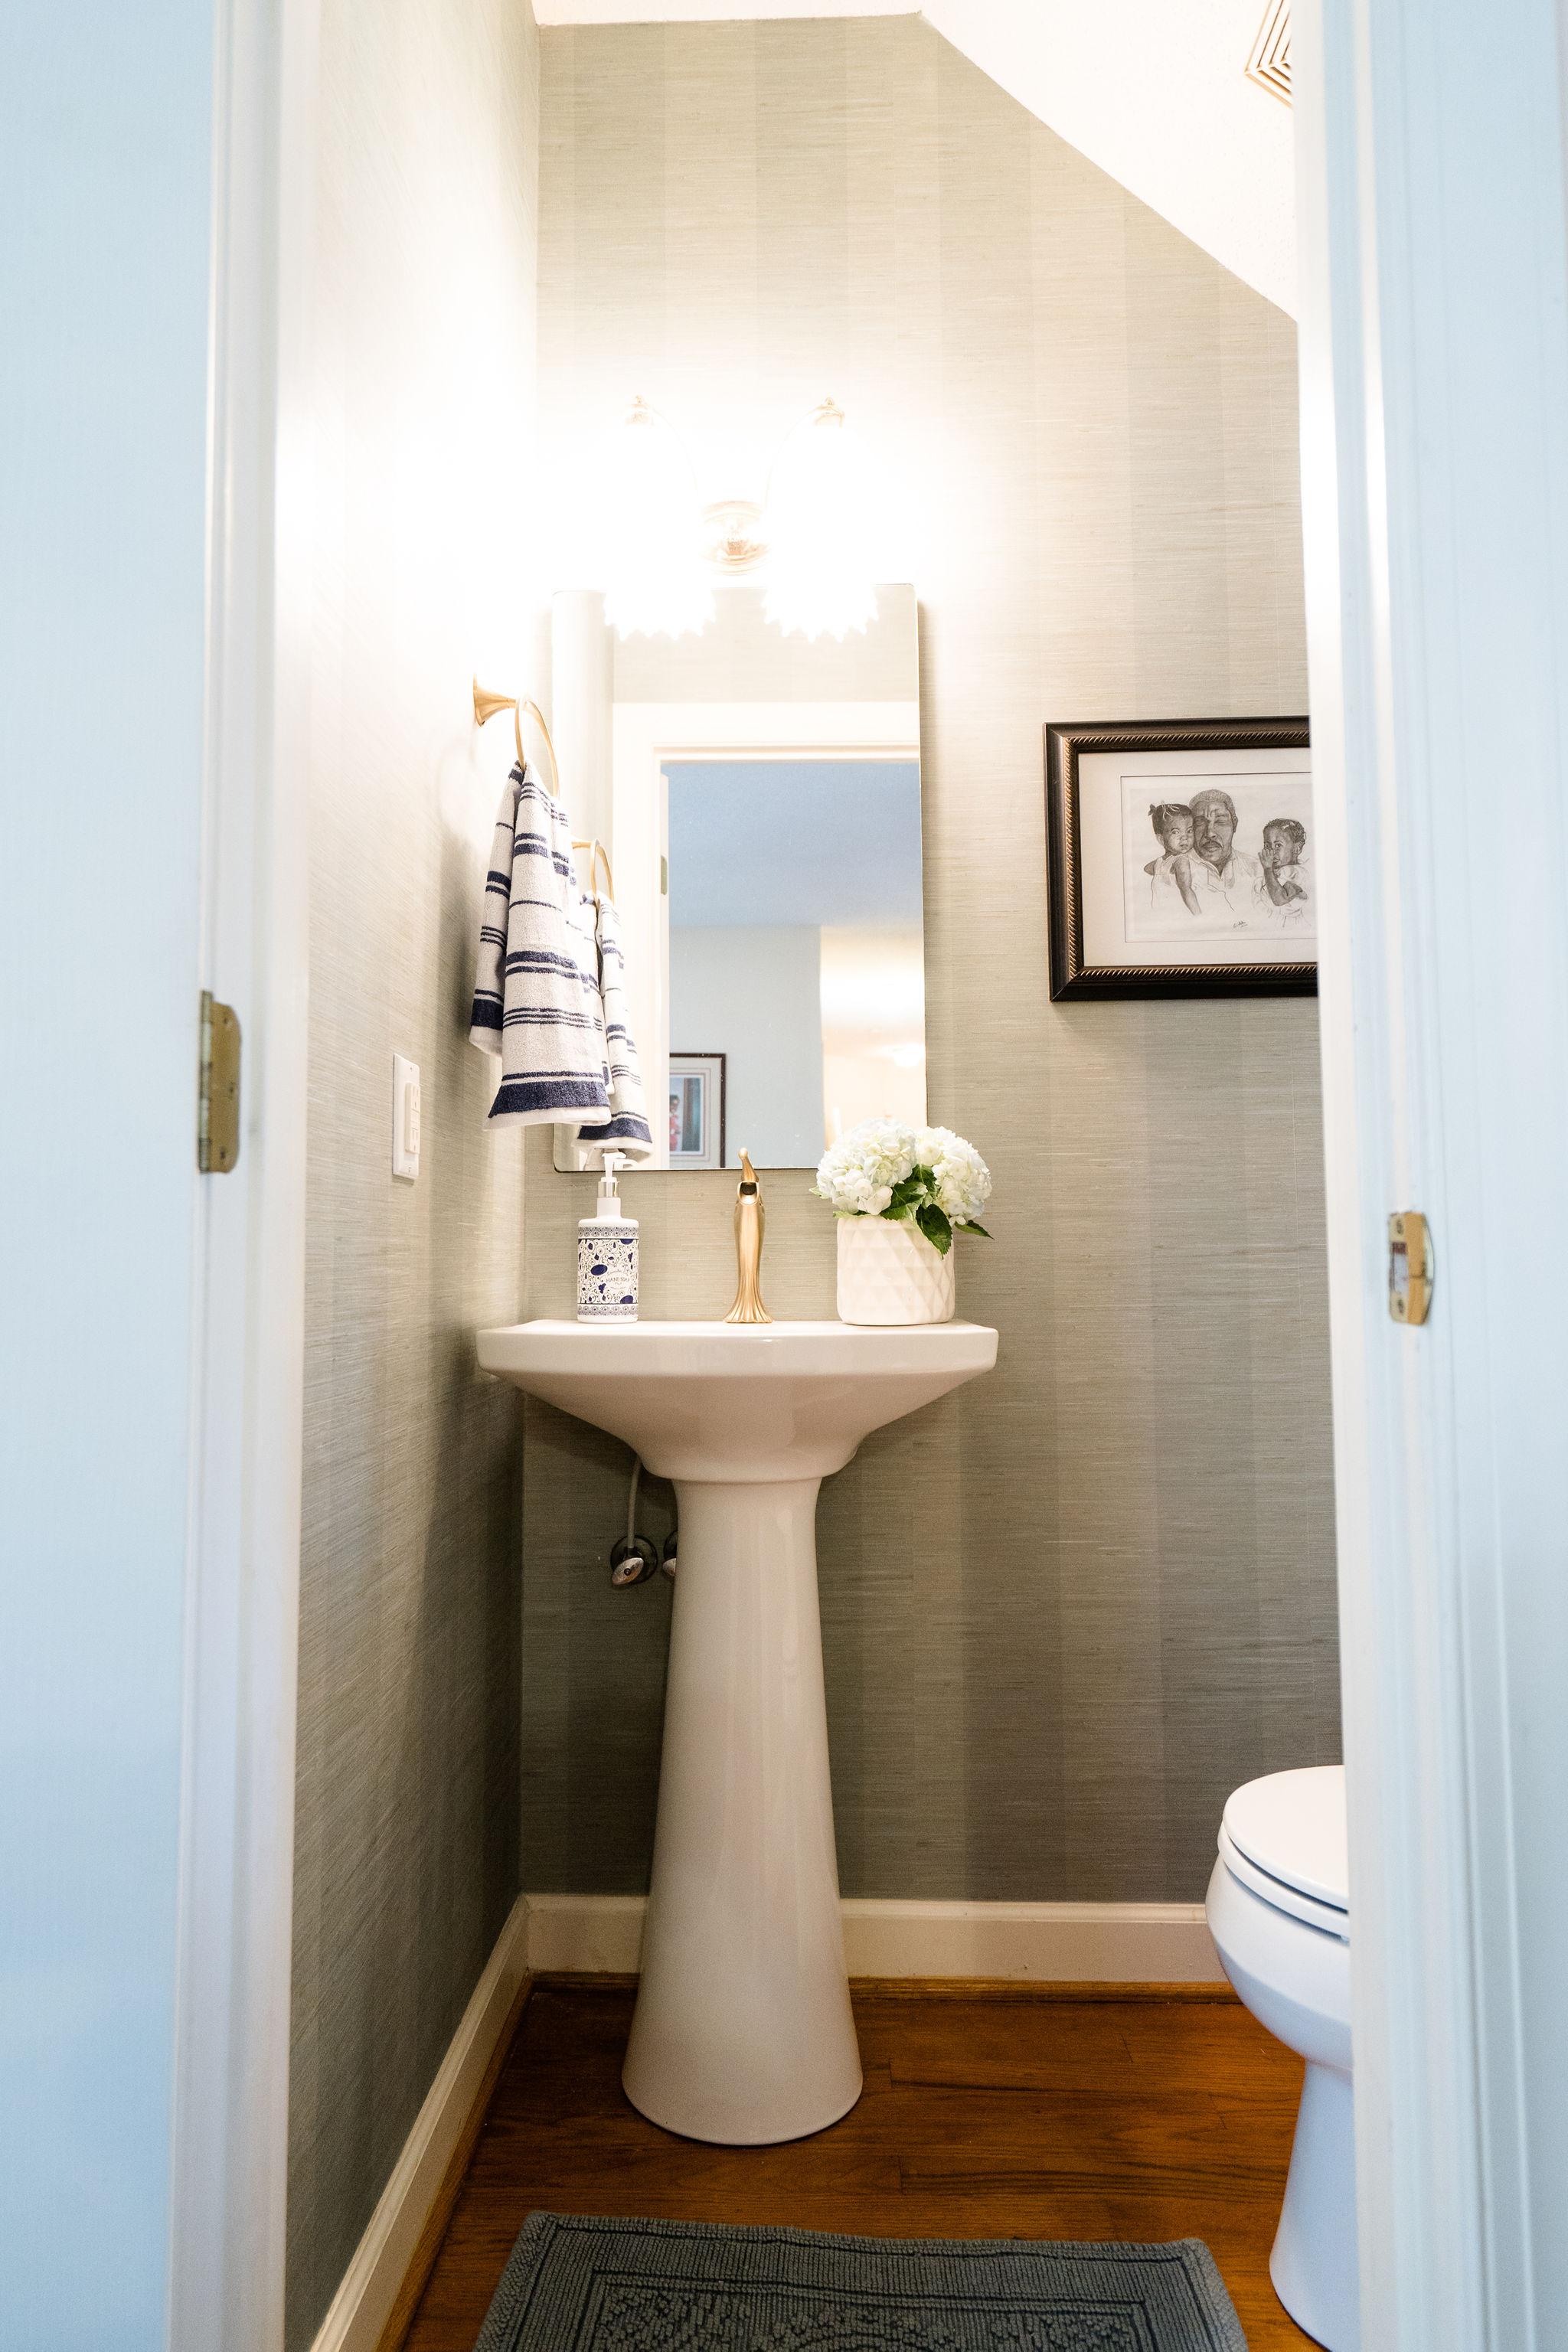 Niki McNeill Raleigh NC Interior Designer SingleBubblePop Design Studio Bathroom Renovation Remodel Refresh Pfister faucets25.jpg